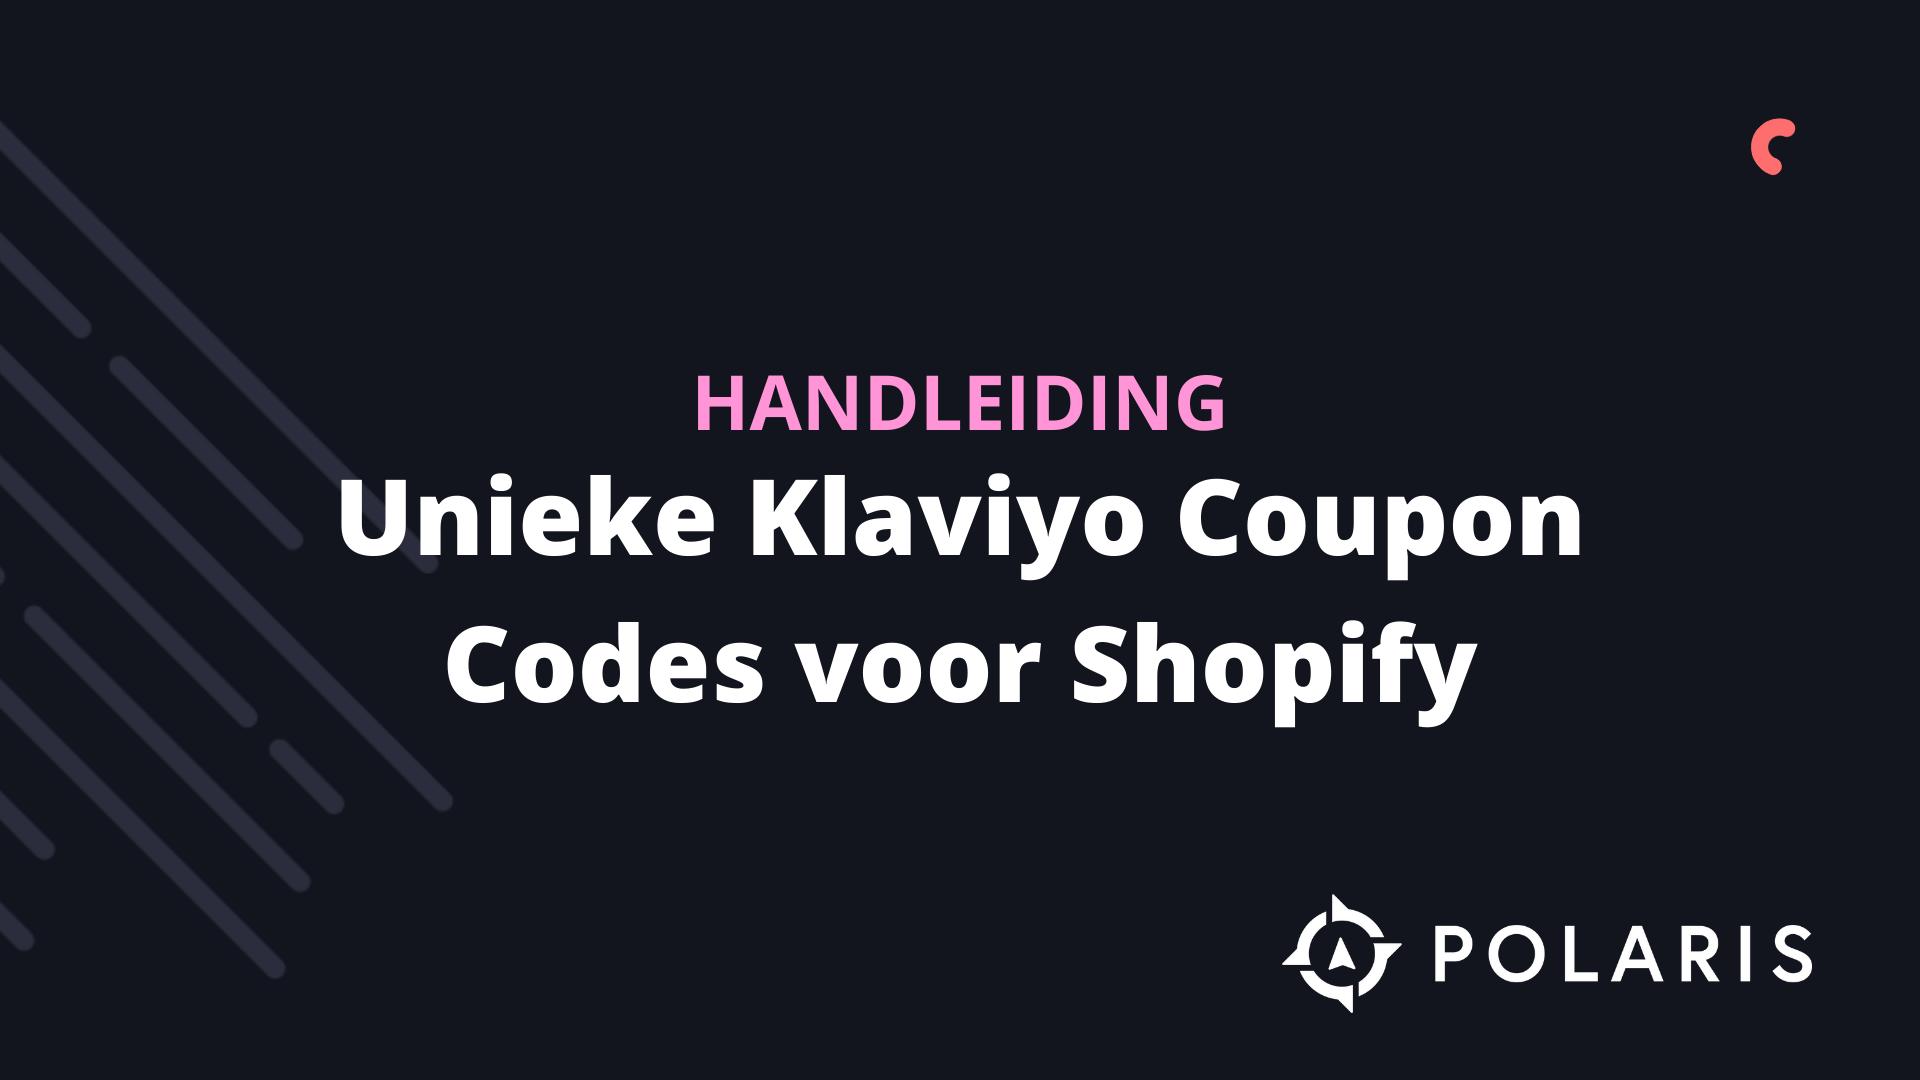 Unieke Klaviyo Coupon Codes voor Shopify